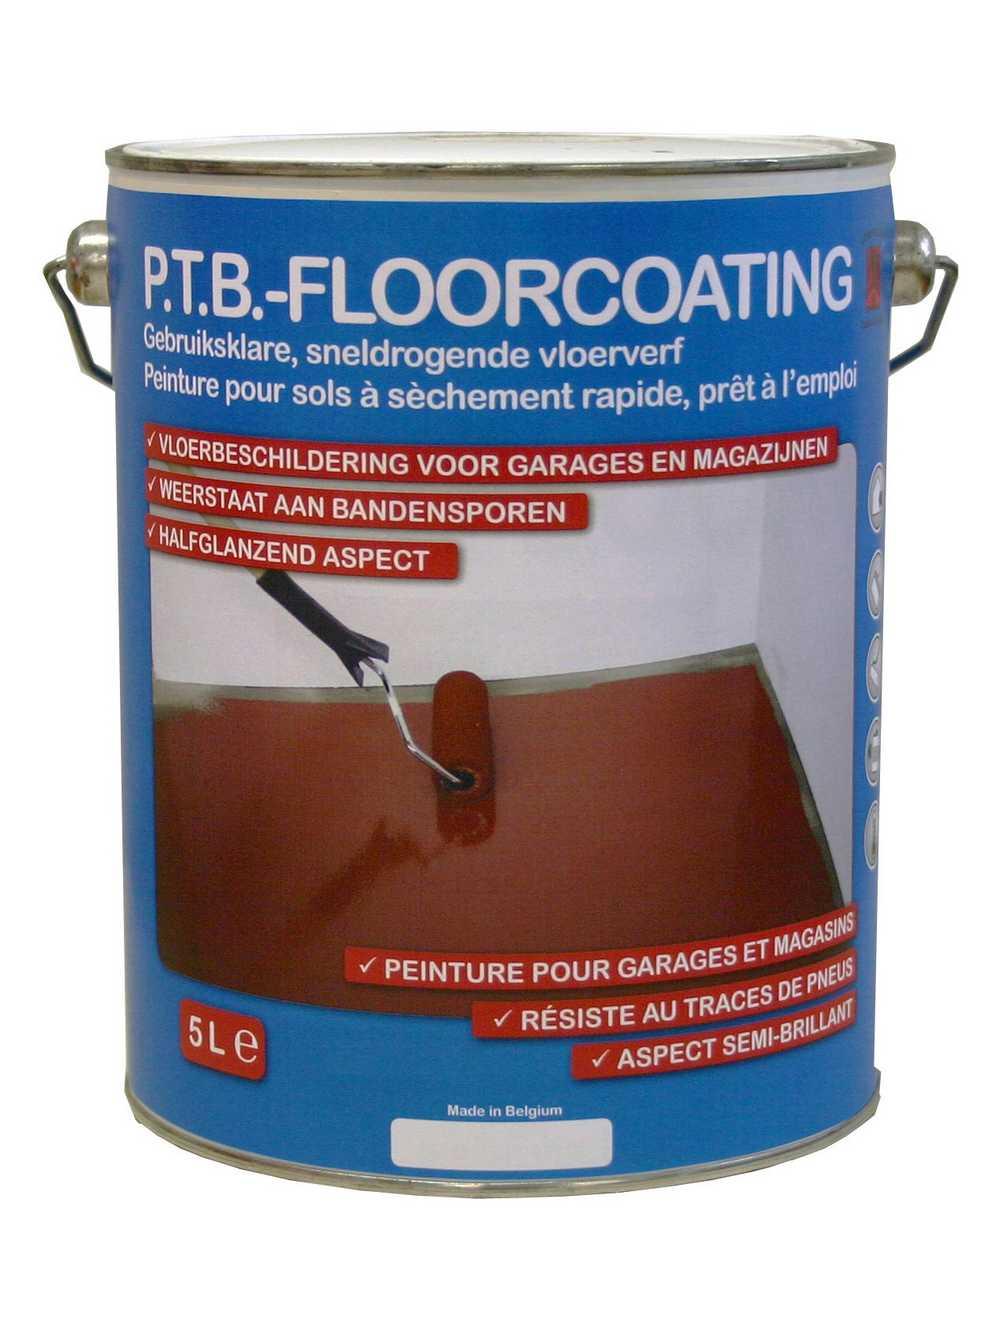 Kit P.t.b.-floorcoating -- Groen